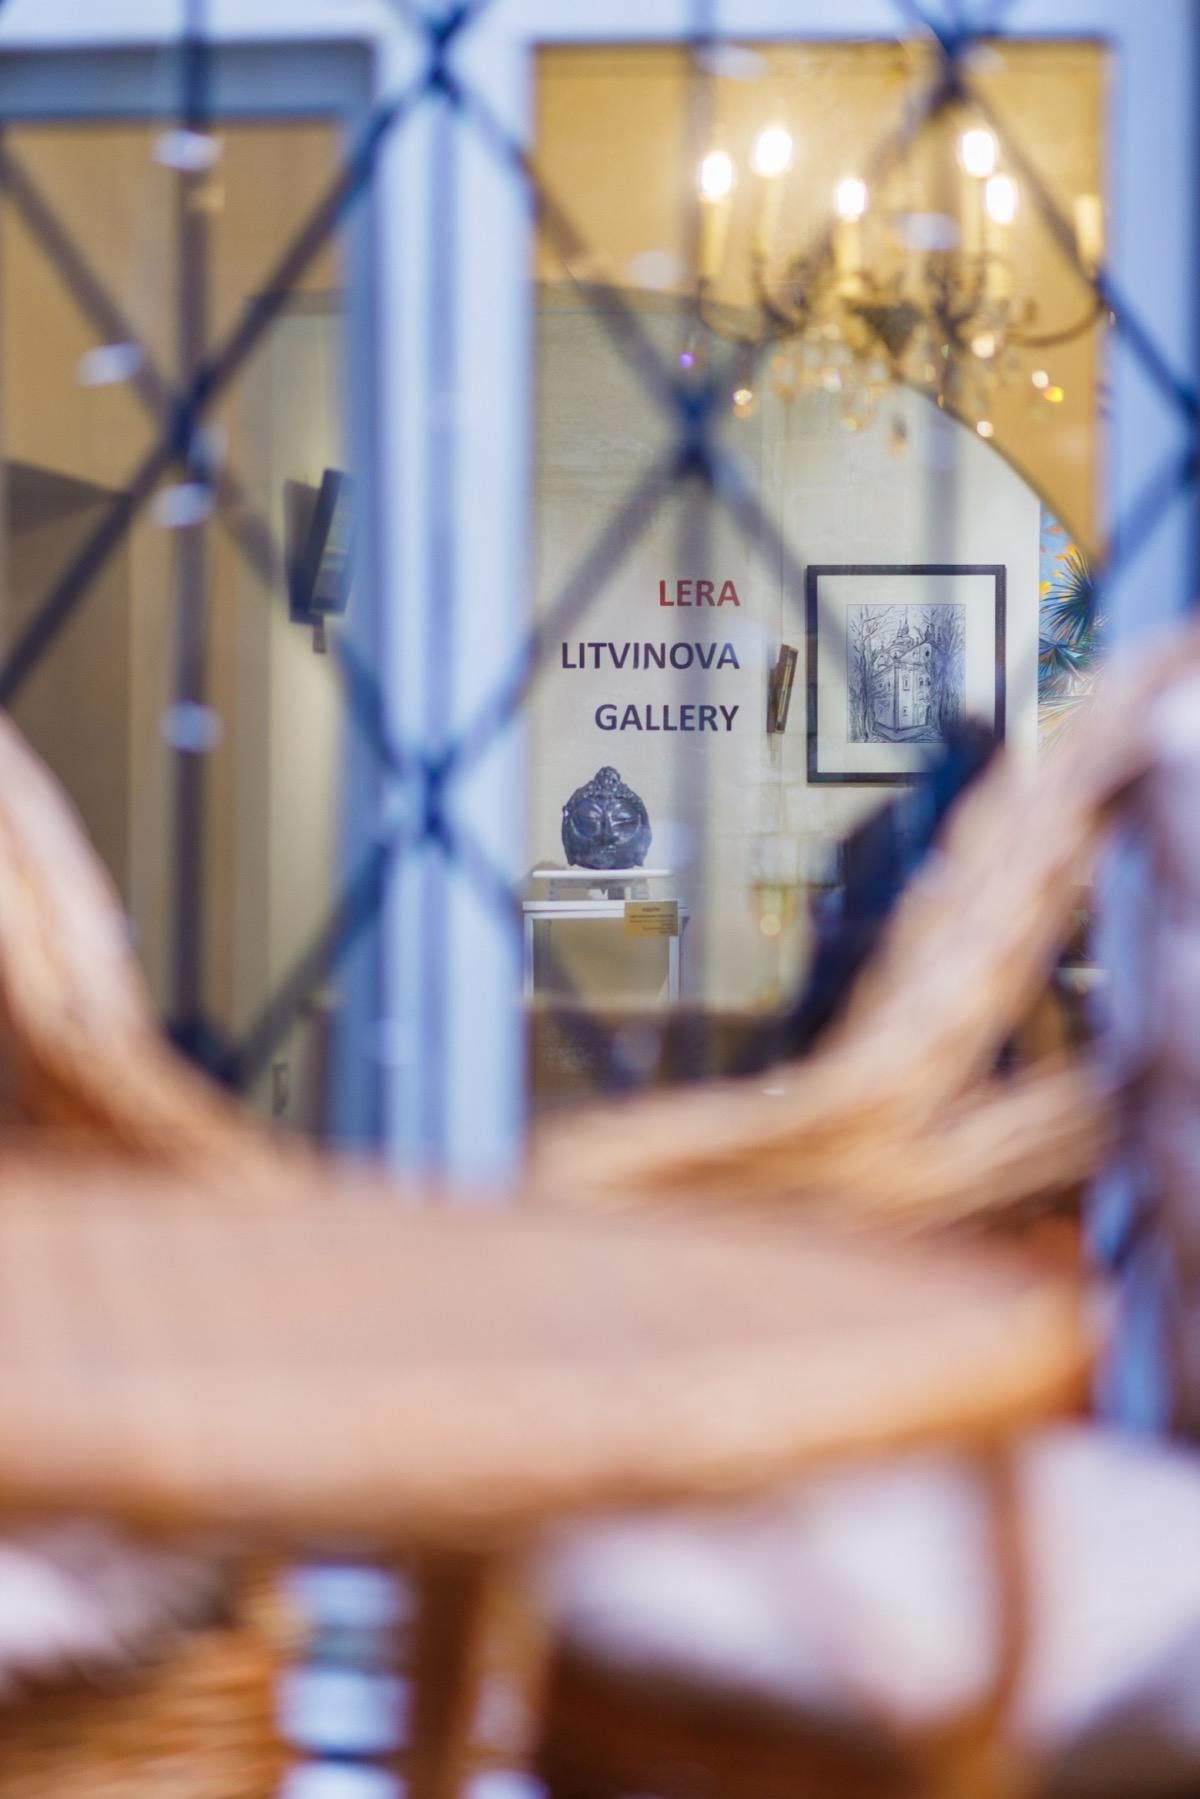 Арт-пространство Lera Litvinova Gallery открылось по новому адресу в Киеве (ФОТО) - фото №5